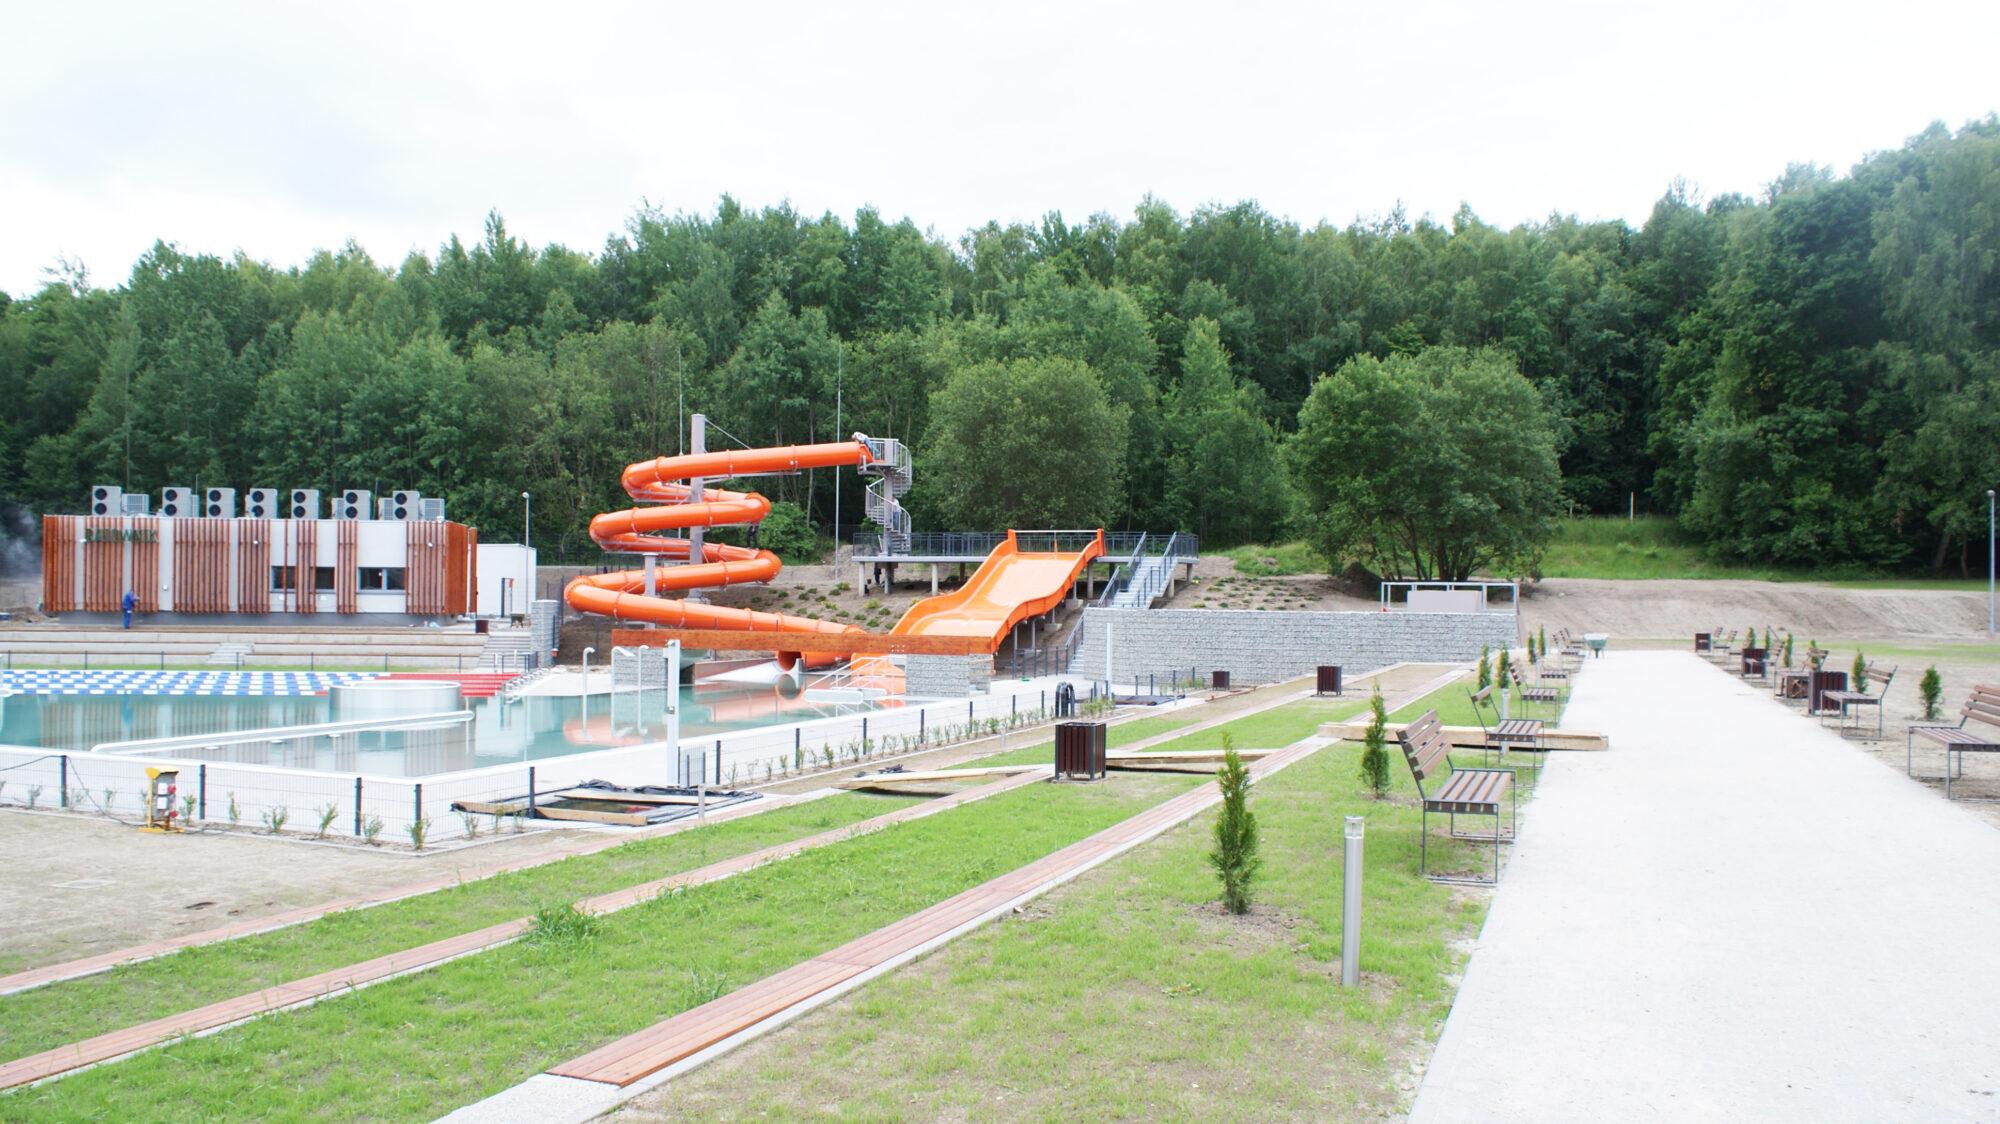 (Polski) Budowa basenu miejskiego w Żarach